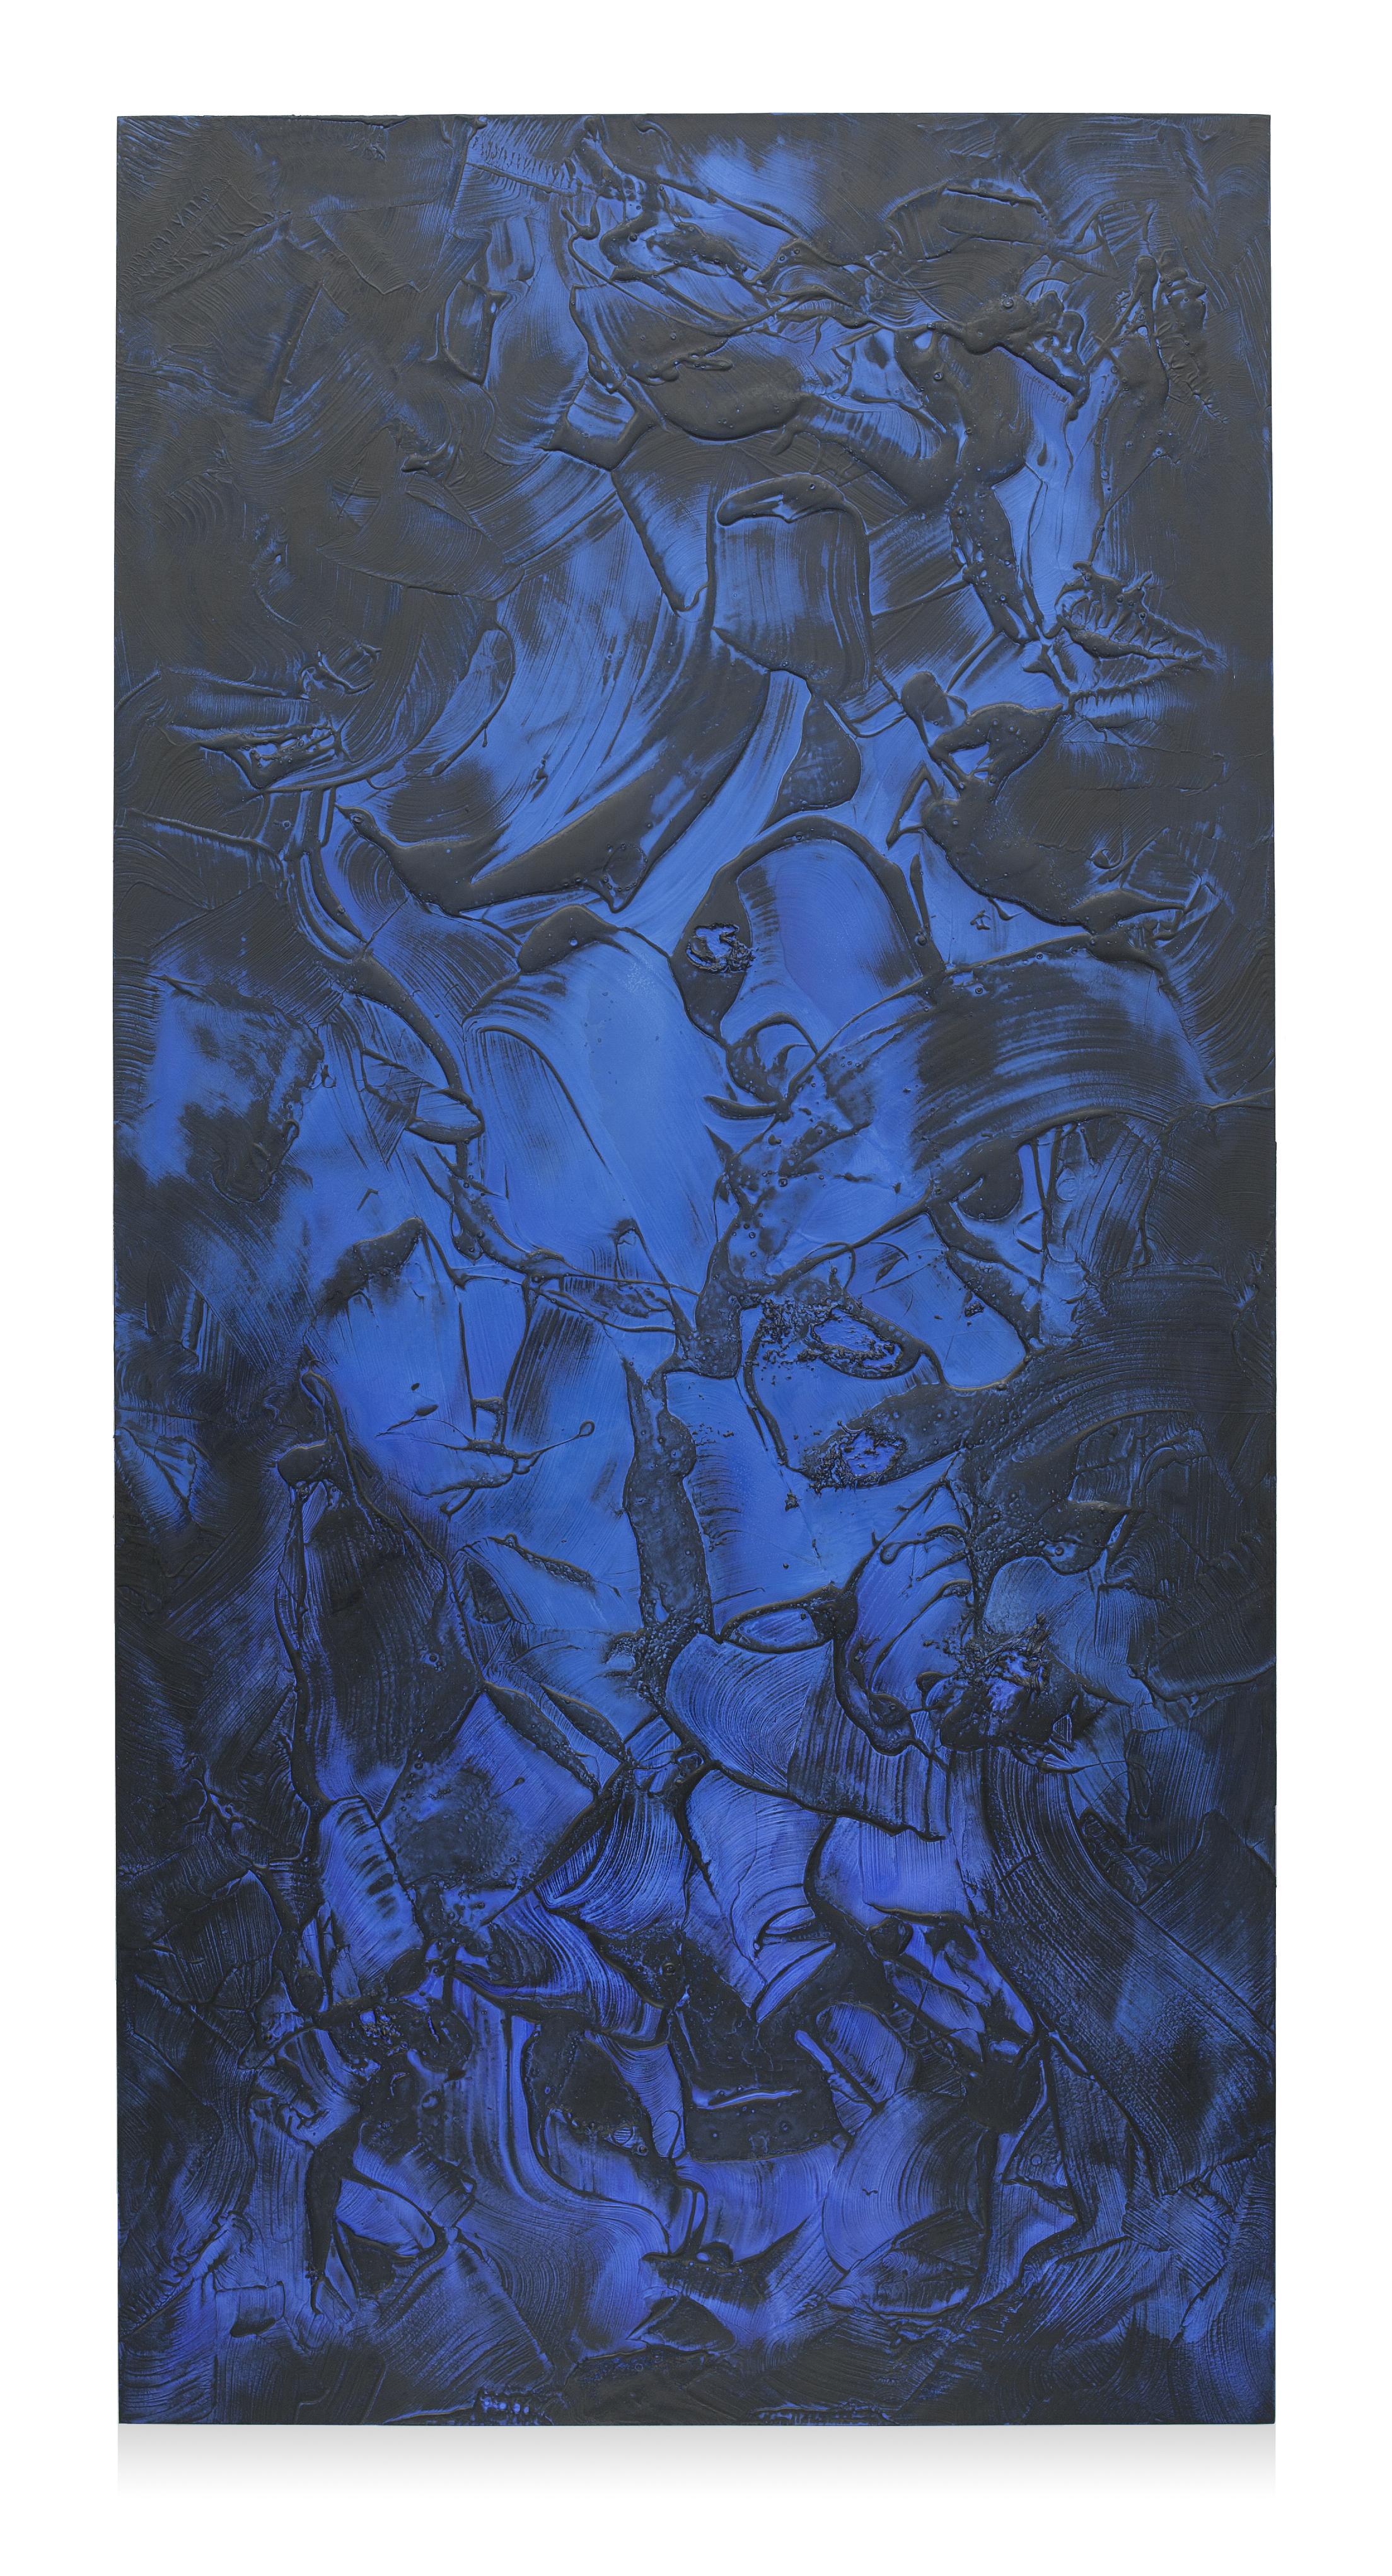 """Untitled (Can't Swim 11), 2018, Acrylic on archival foam board, 96"""" x 48"""""""